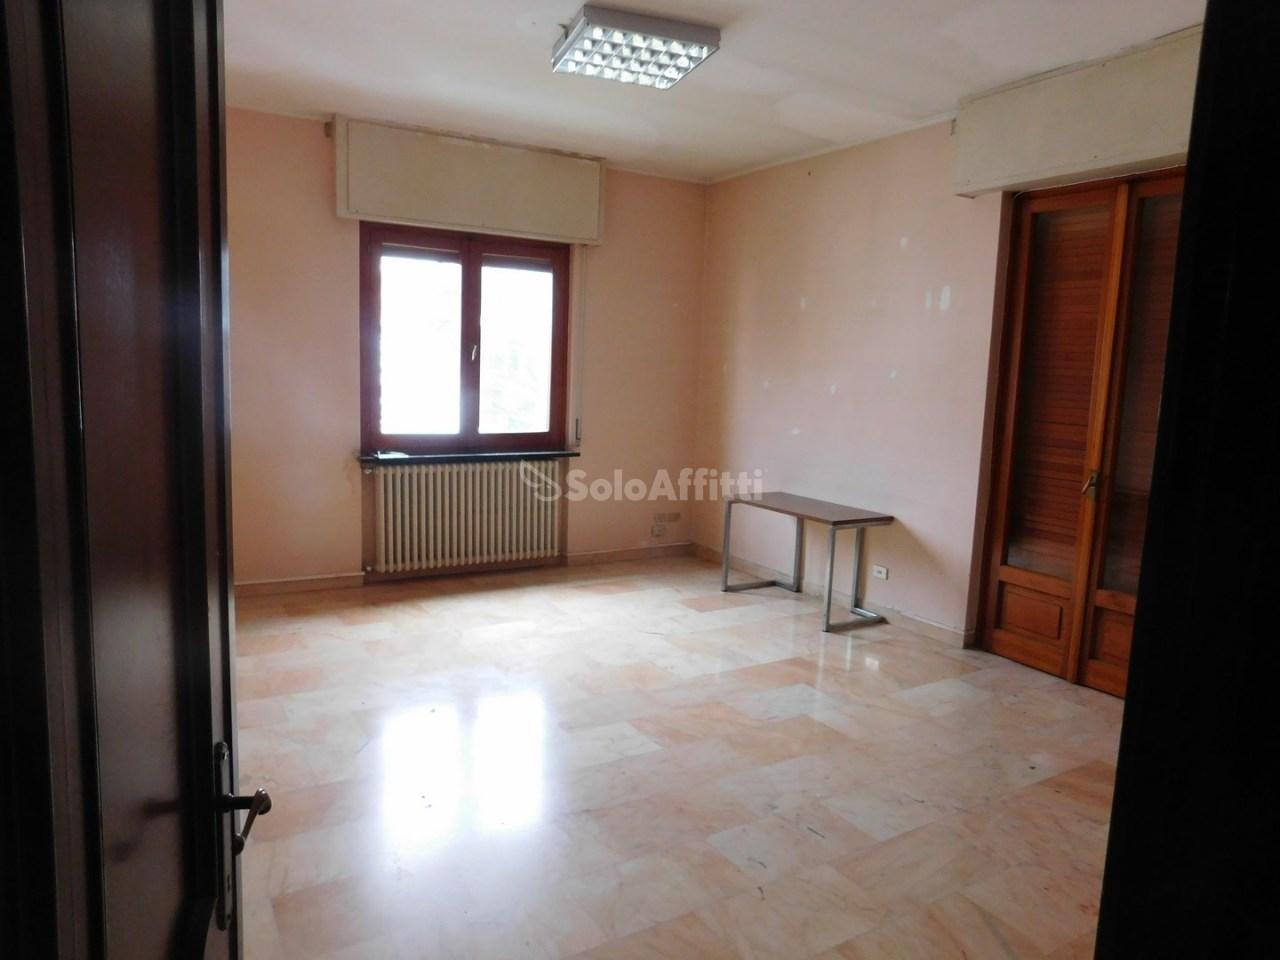 Appartamento in affitto a Millesimo, 6 locali, prezzo € 500 | PortaleAgenzieImmobiliari.it